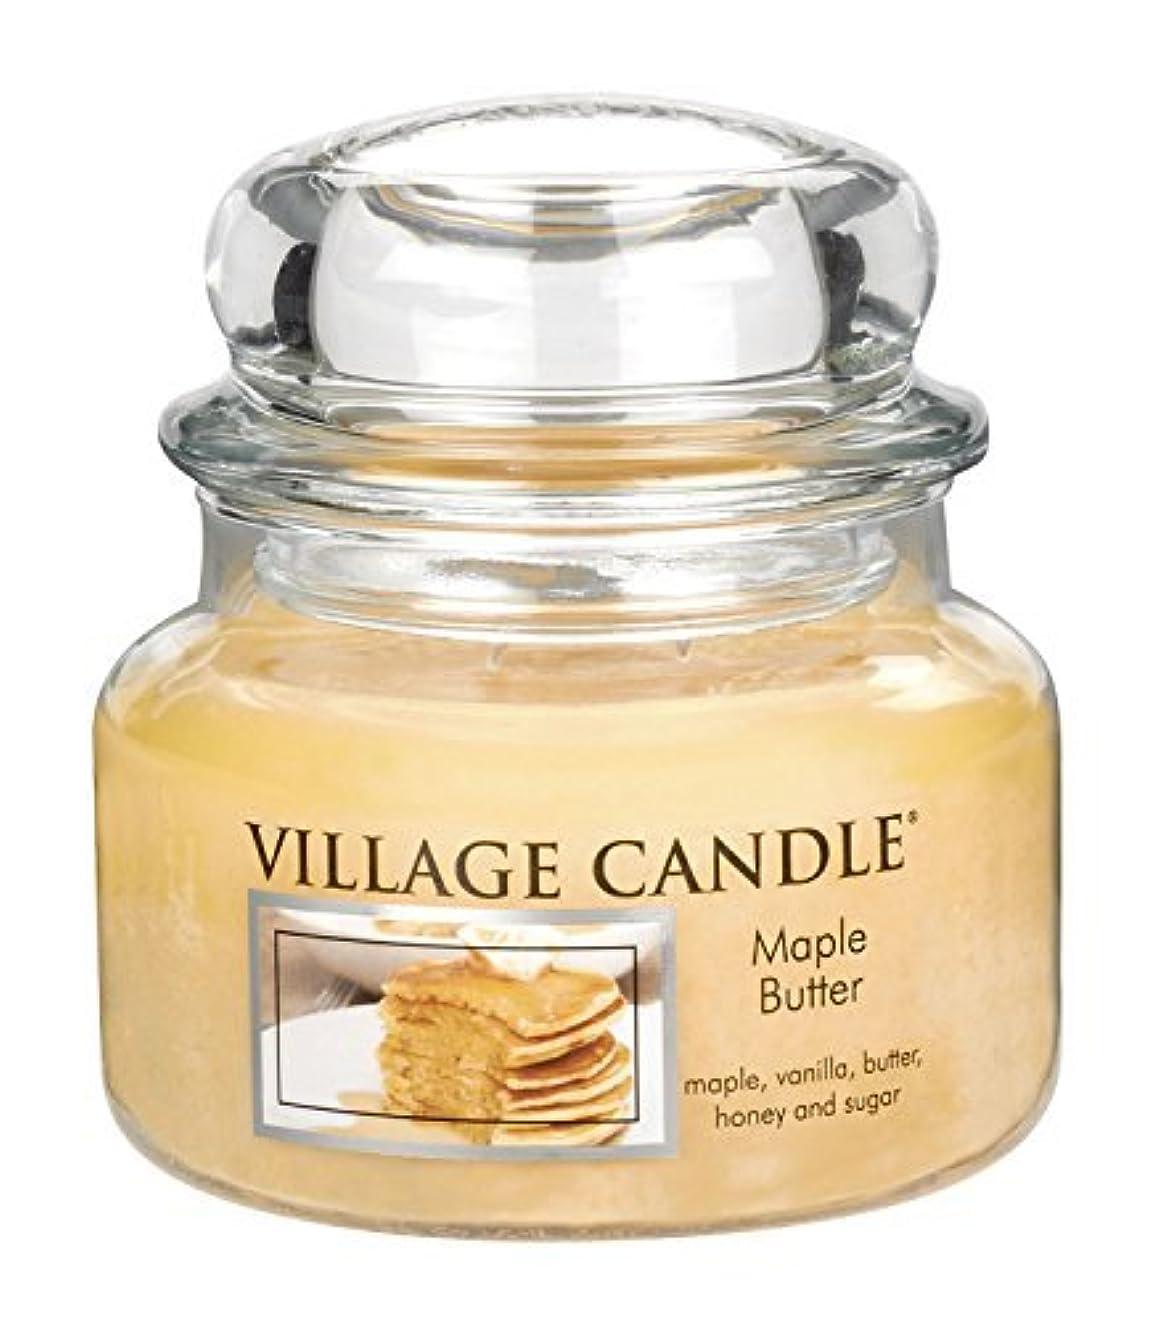 運ぶ用心深いバーストVillage Candle Maple Butter 11 oz Glass Jar Scented Candle Small [並行輸入品]